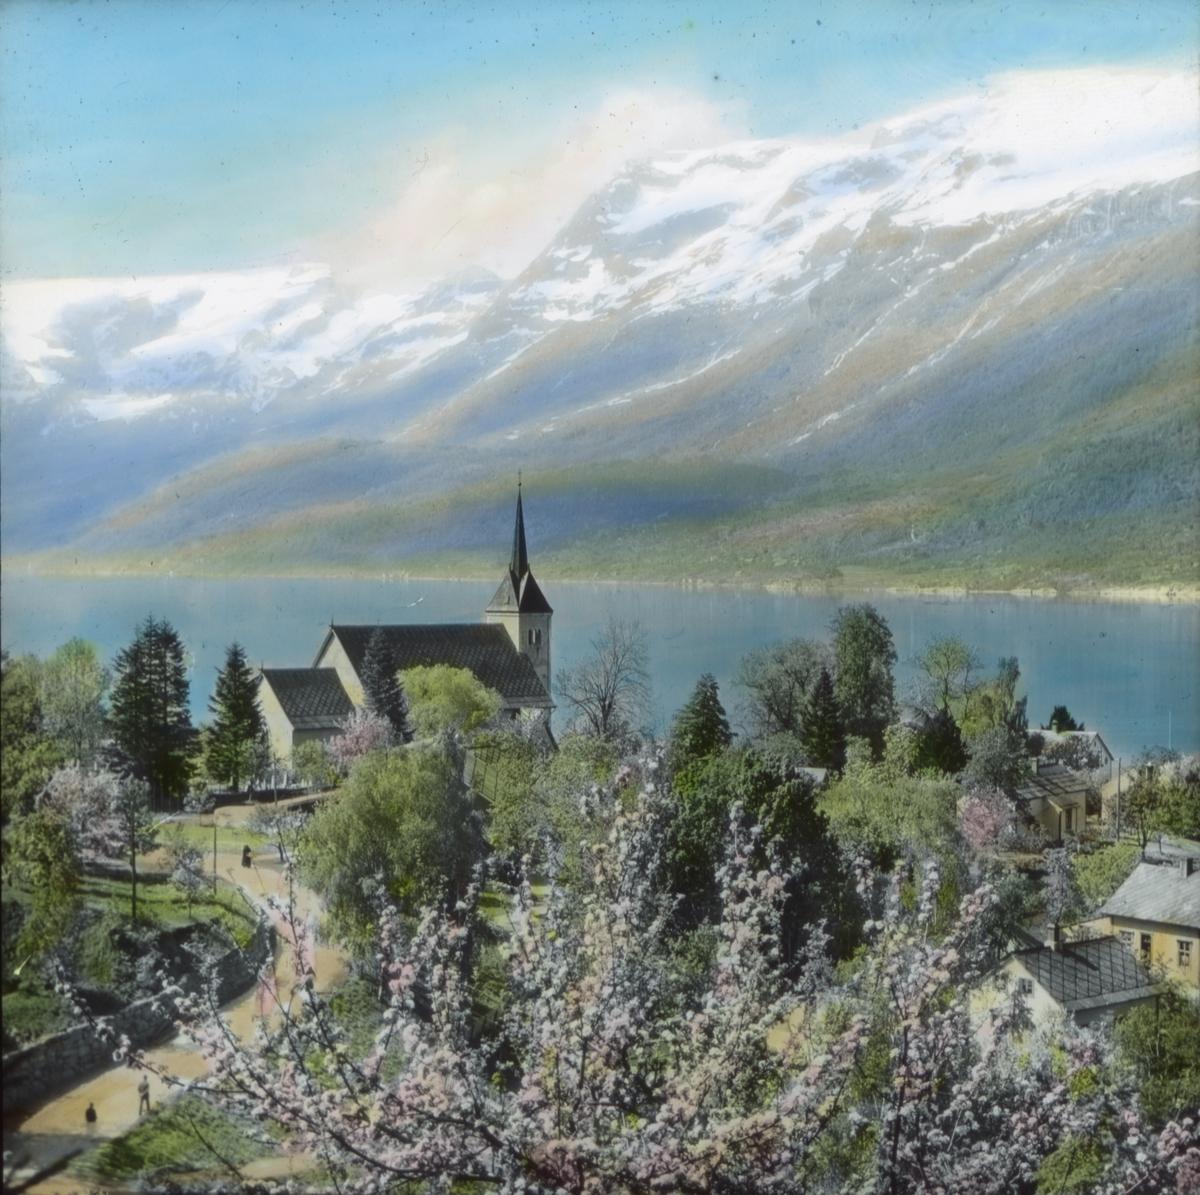 """Håndkolorert dias. Utsyn over Hardangerfjorden med blomstrende frukttrær i forgrunnen. En kirke ligger på et nes. I bakgrunnen sees snødekte fjell. Del av Wilses serie kalt """"Brudeferden""""."""